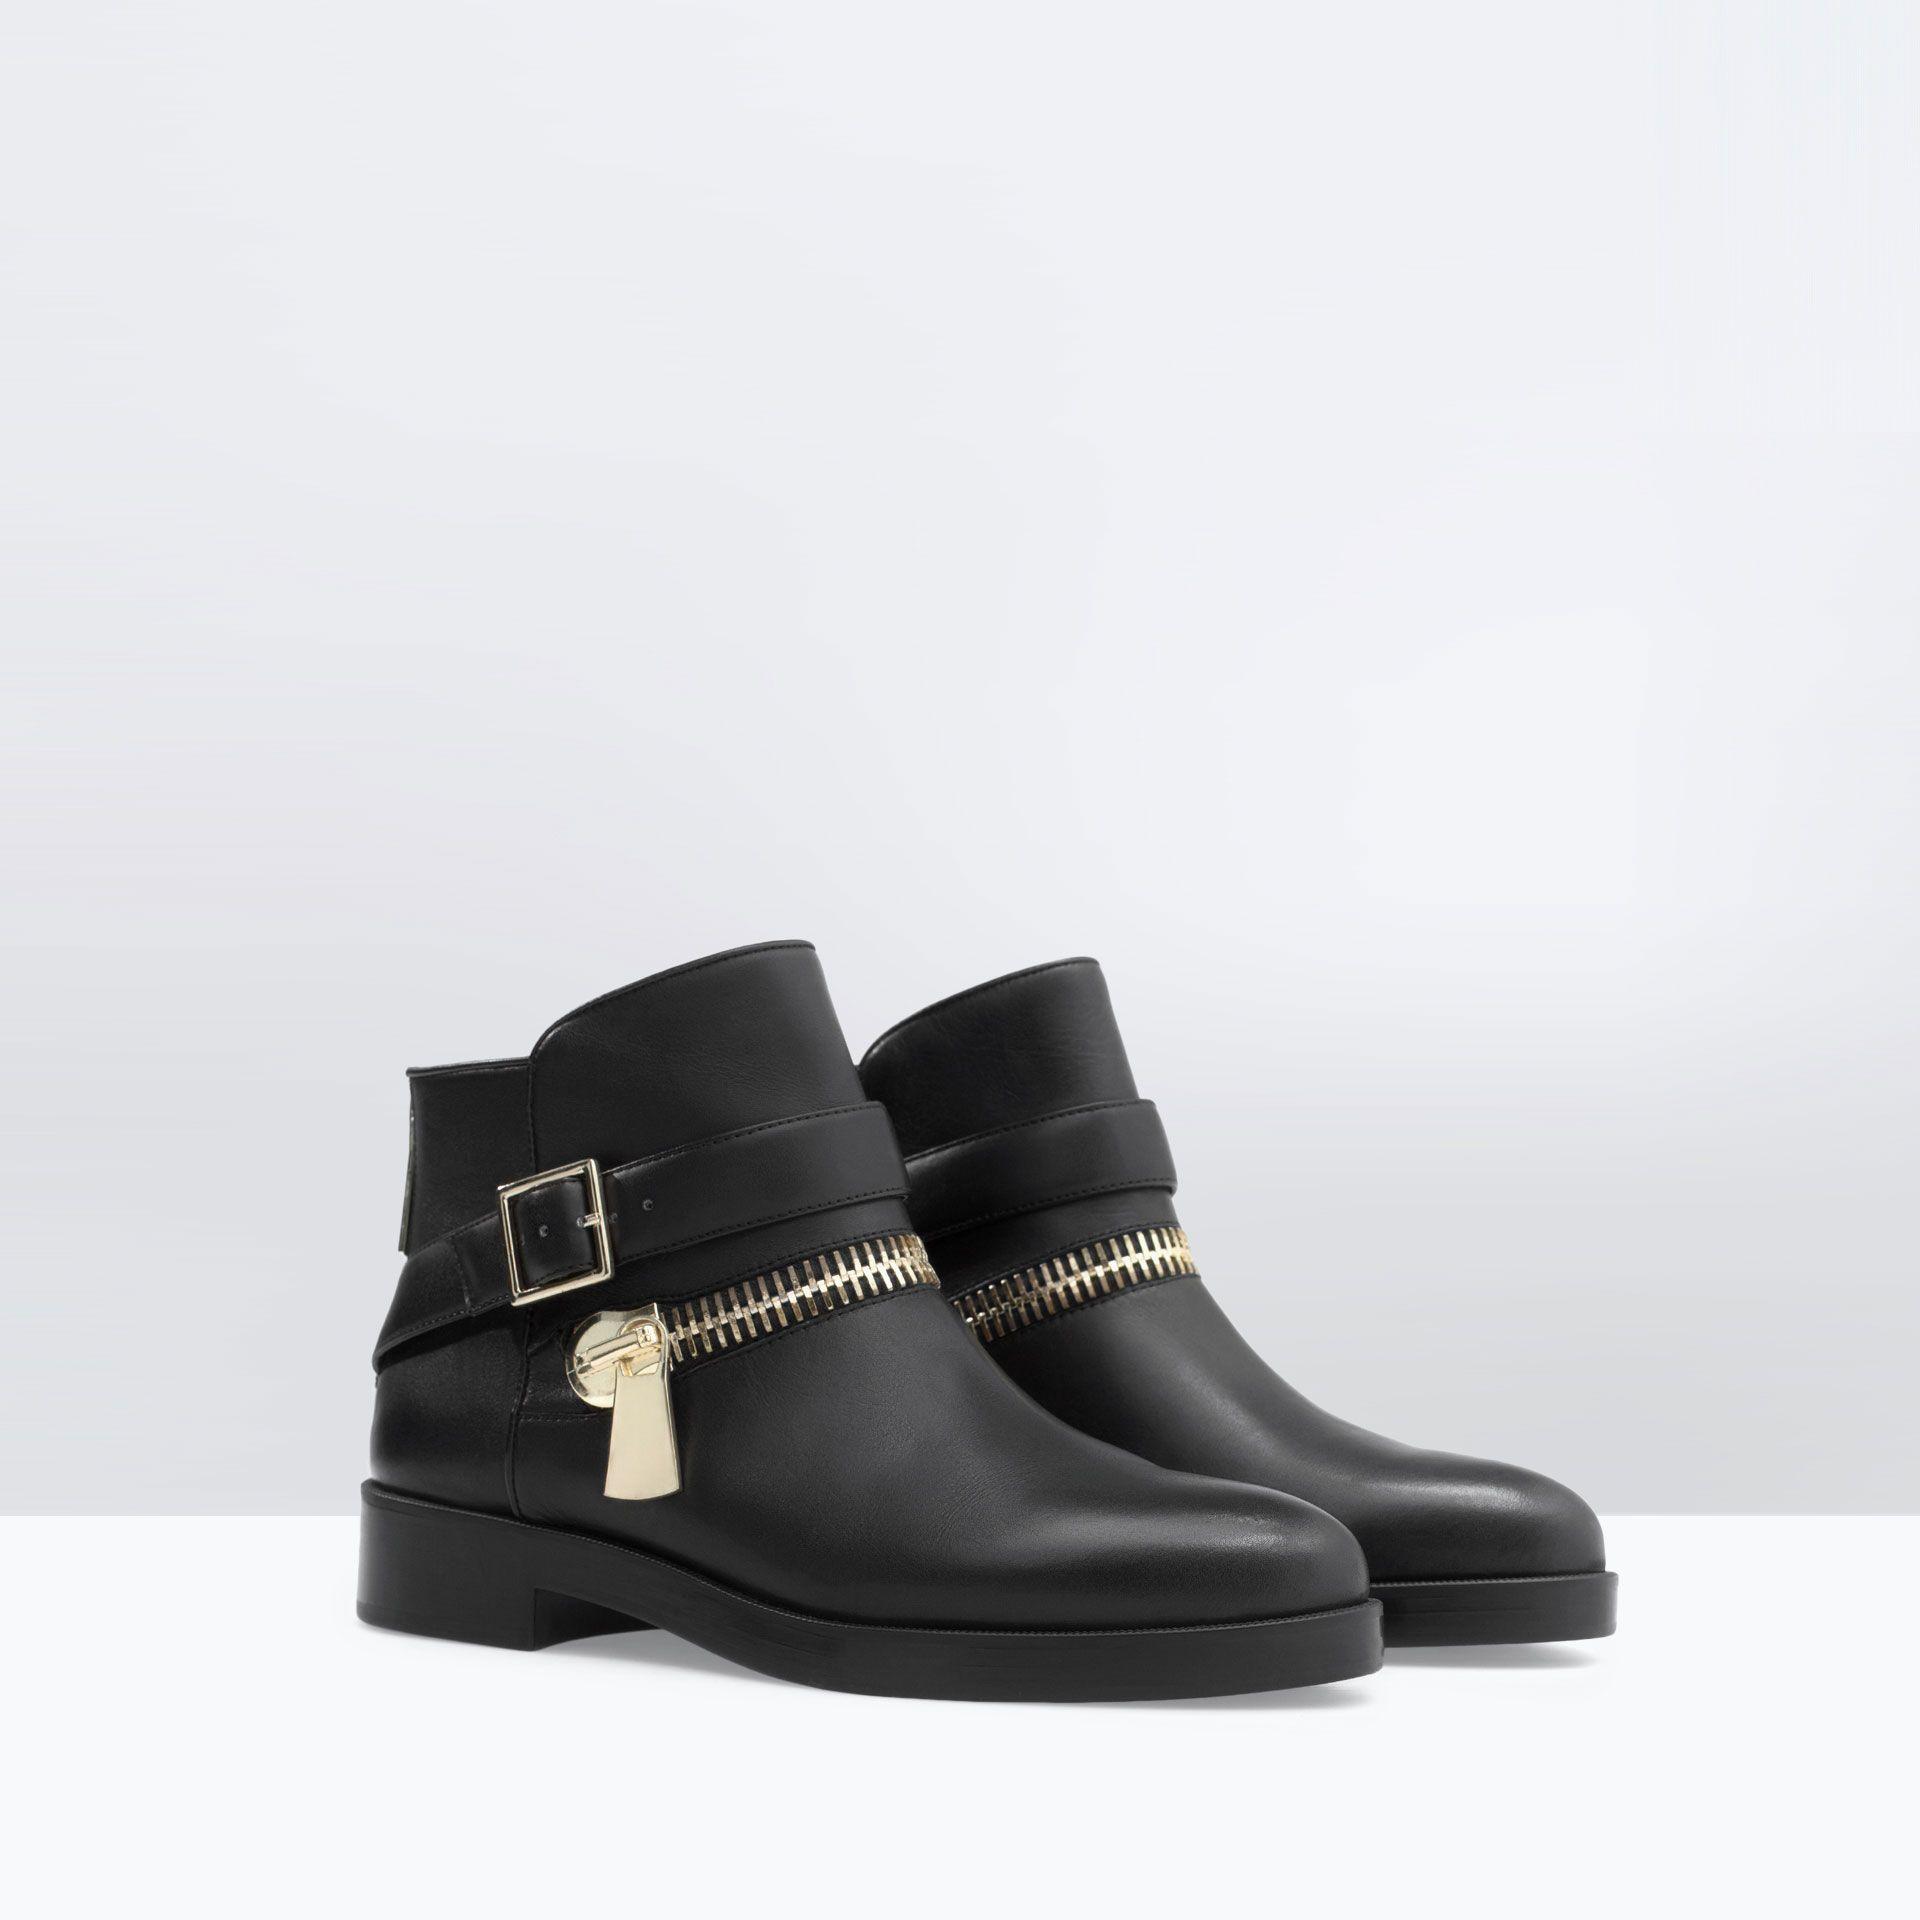 Descuentos en todo el calzado de moda de esta temporada. Encuentra zapatos  de mujer al mejor precio en ZARA online. 669efd410baff